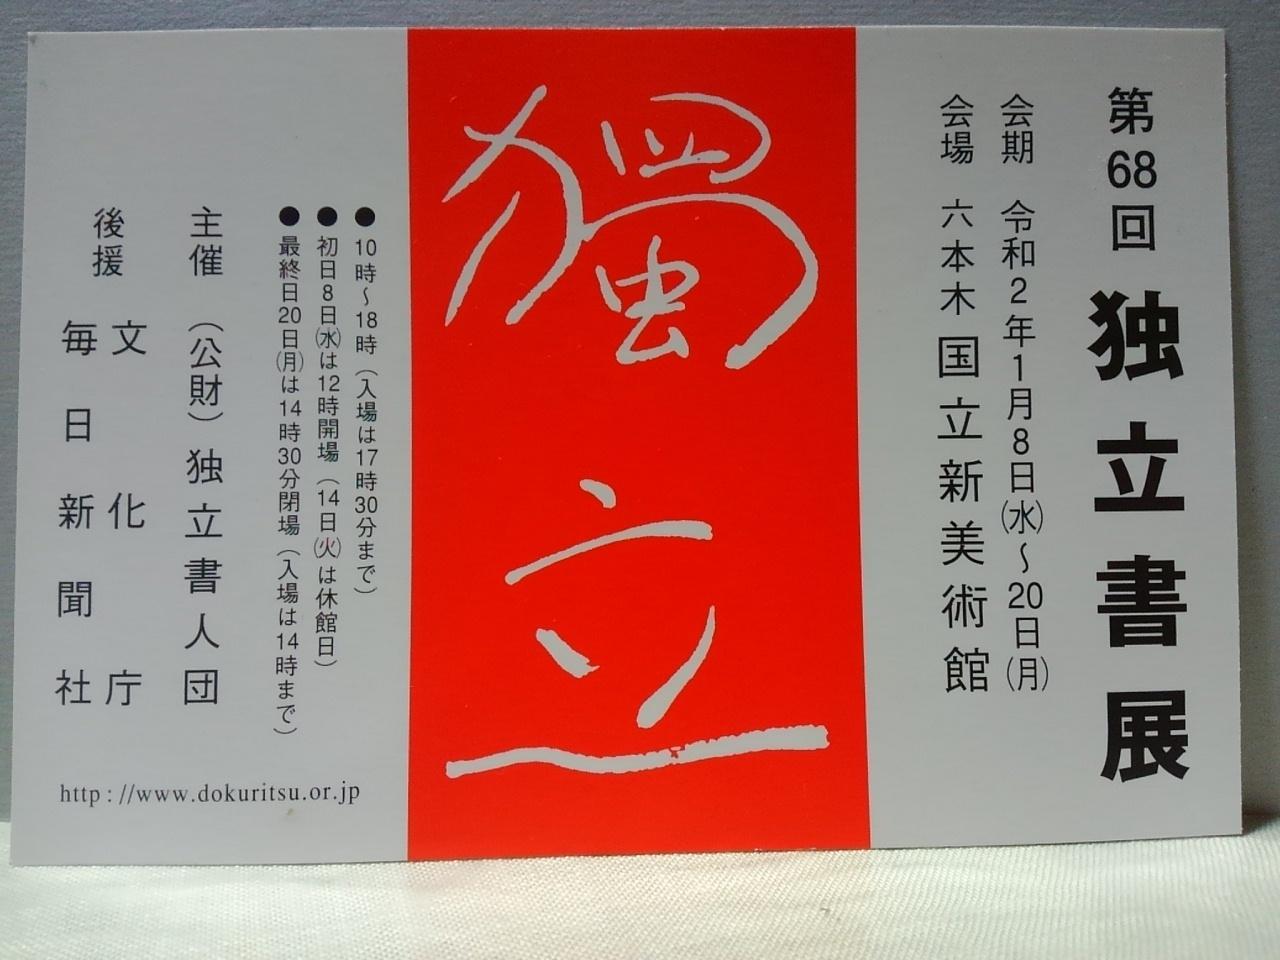 第68回独立書展 開催中です_d0168831_01111517.jpg